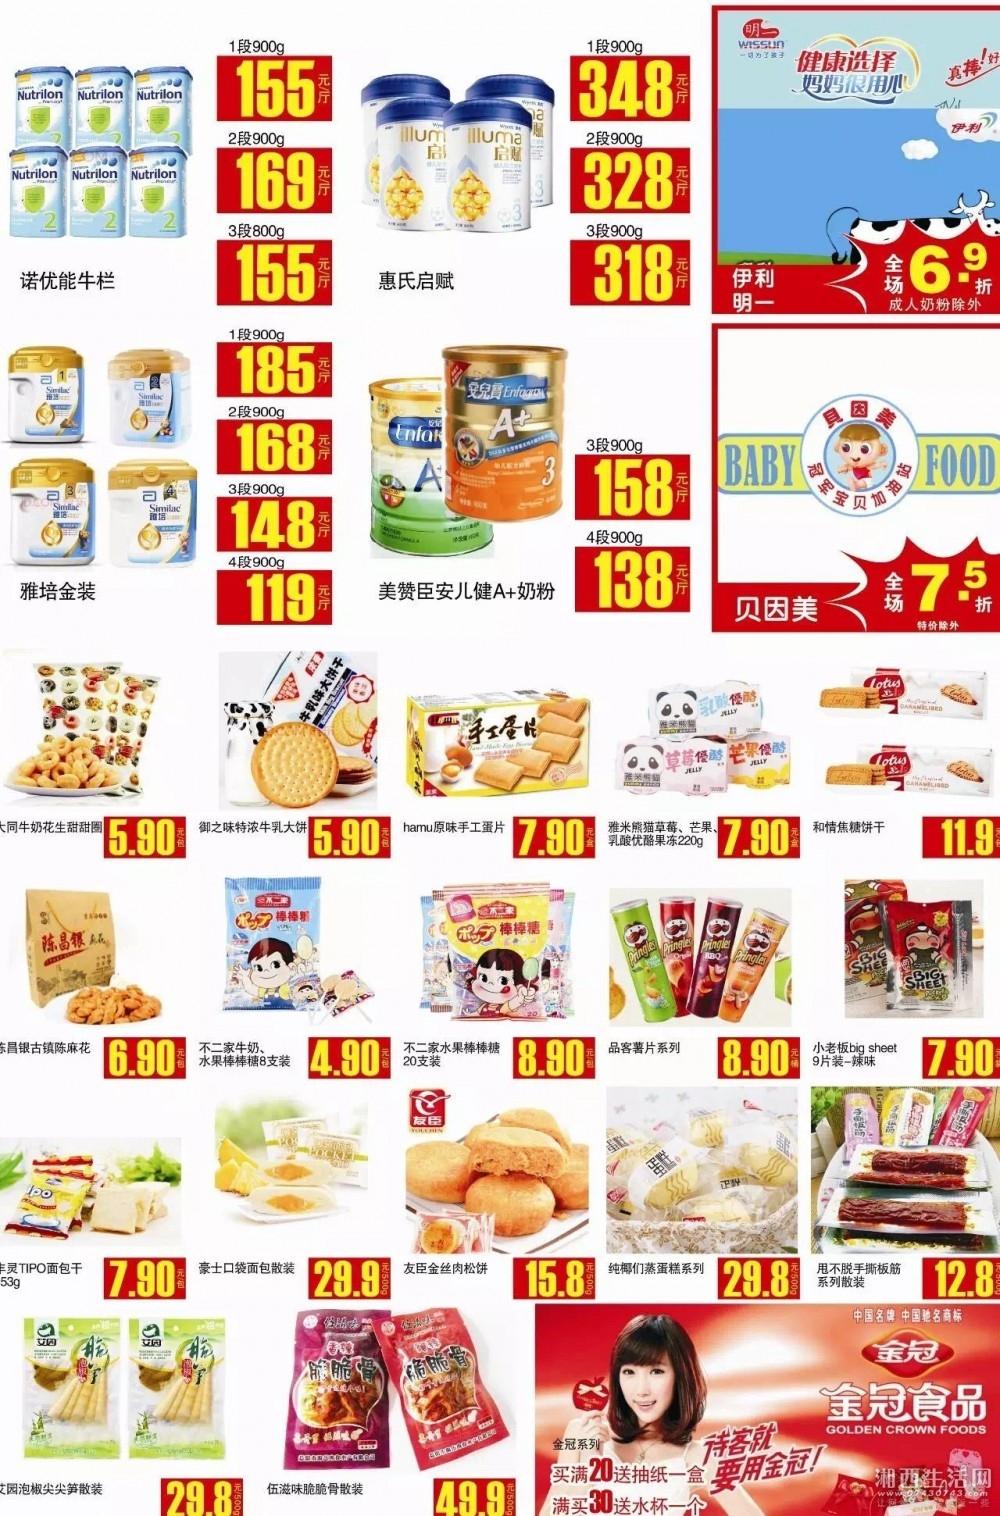 佳惠超市IMG_4479.JPG